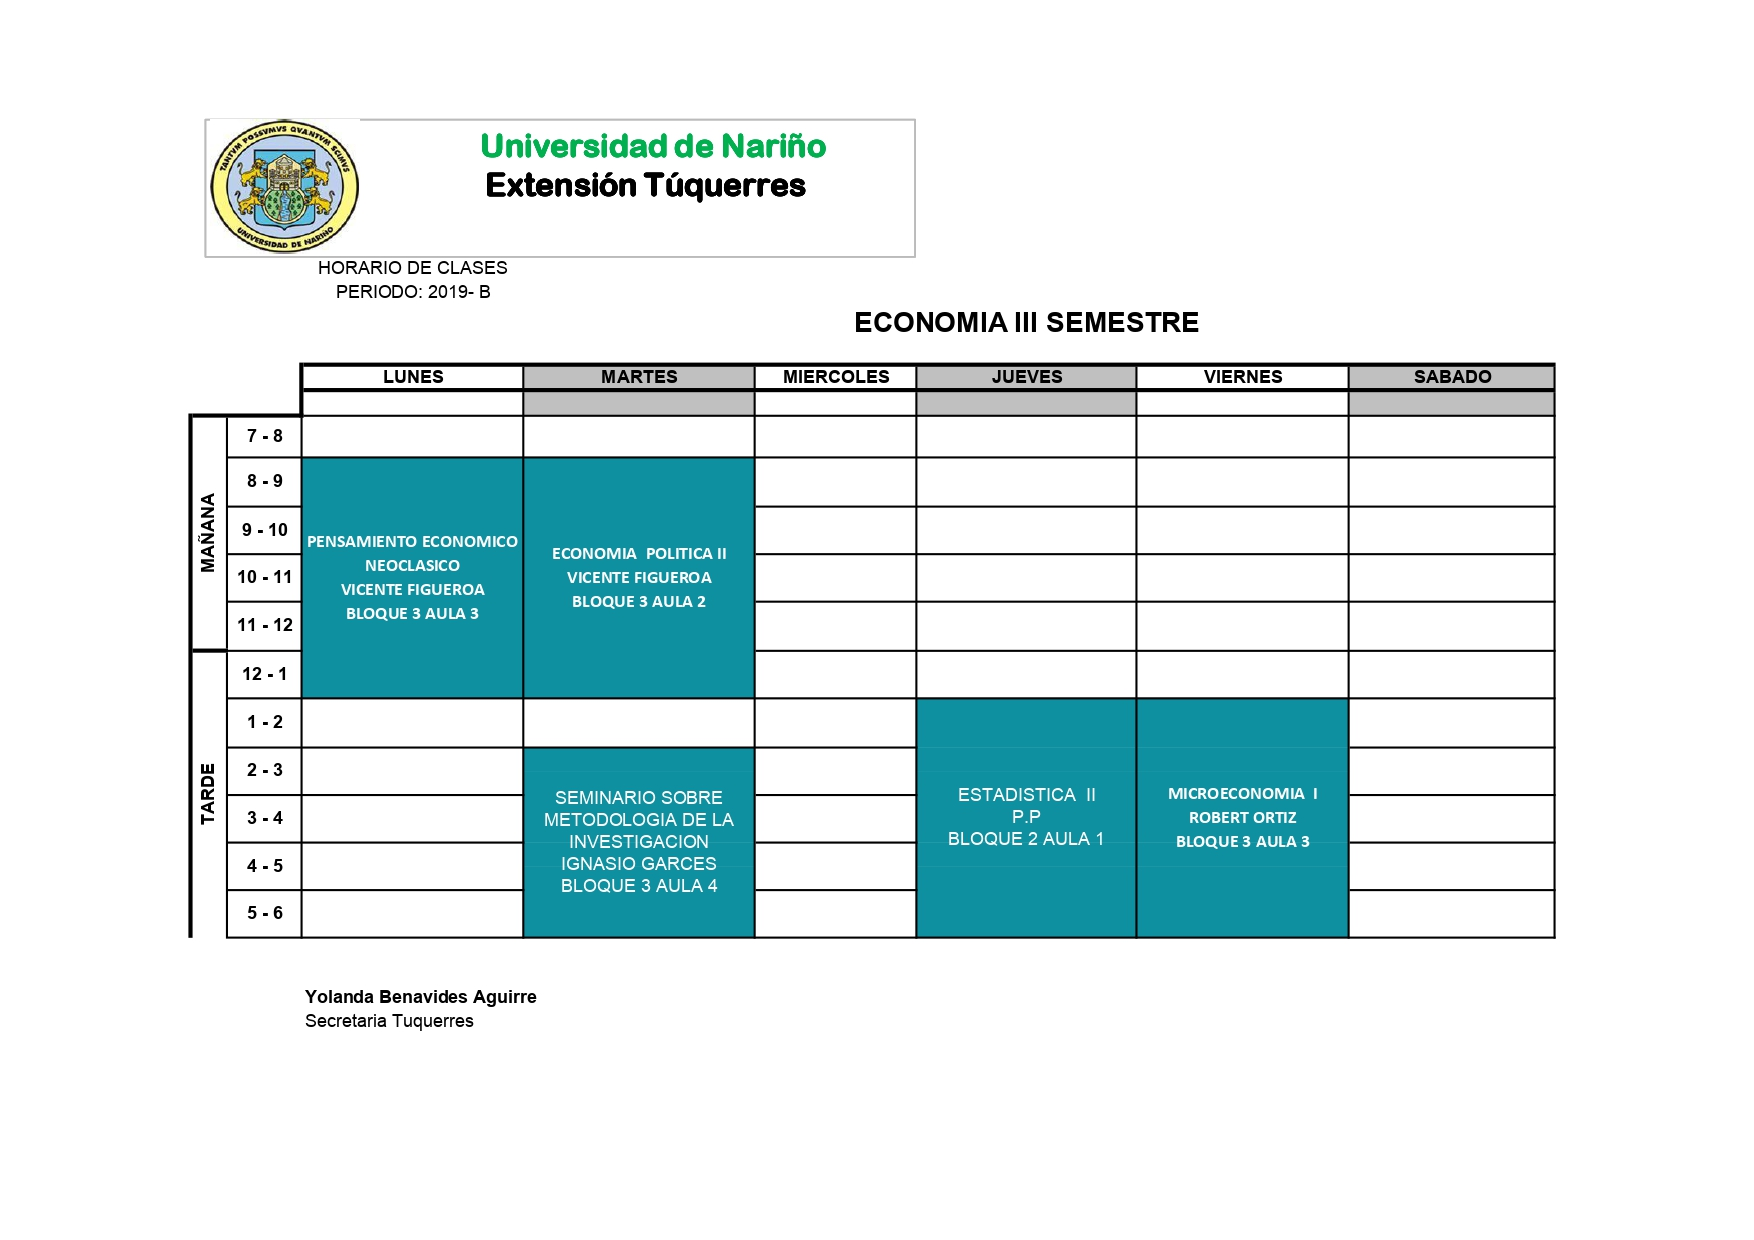 Proyecccion Horarios B - 2019 ECONOMIA III SEMESTRE_page-0001